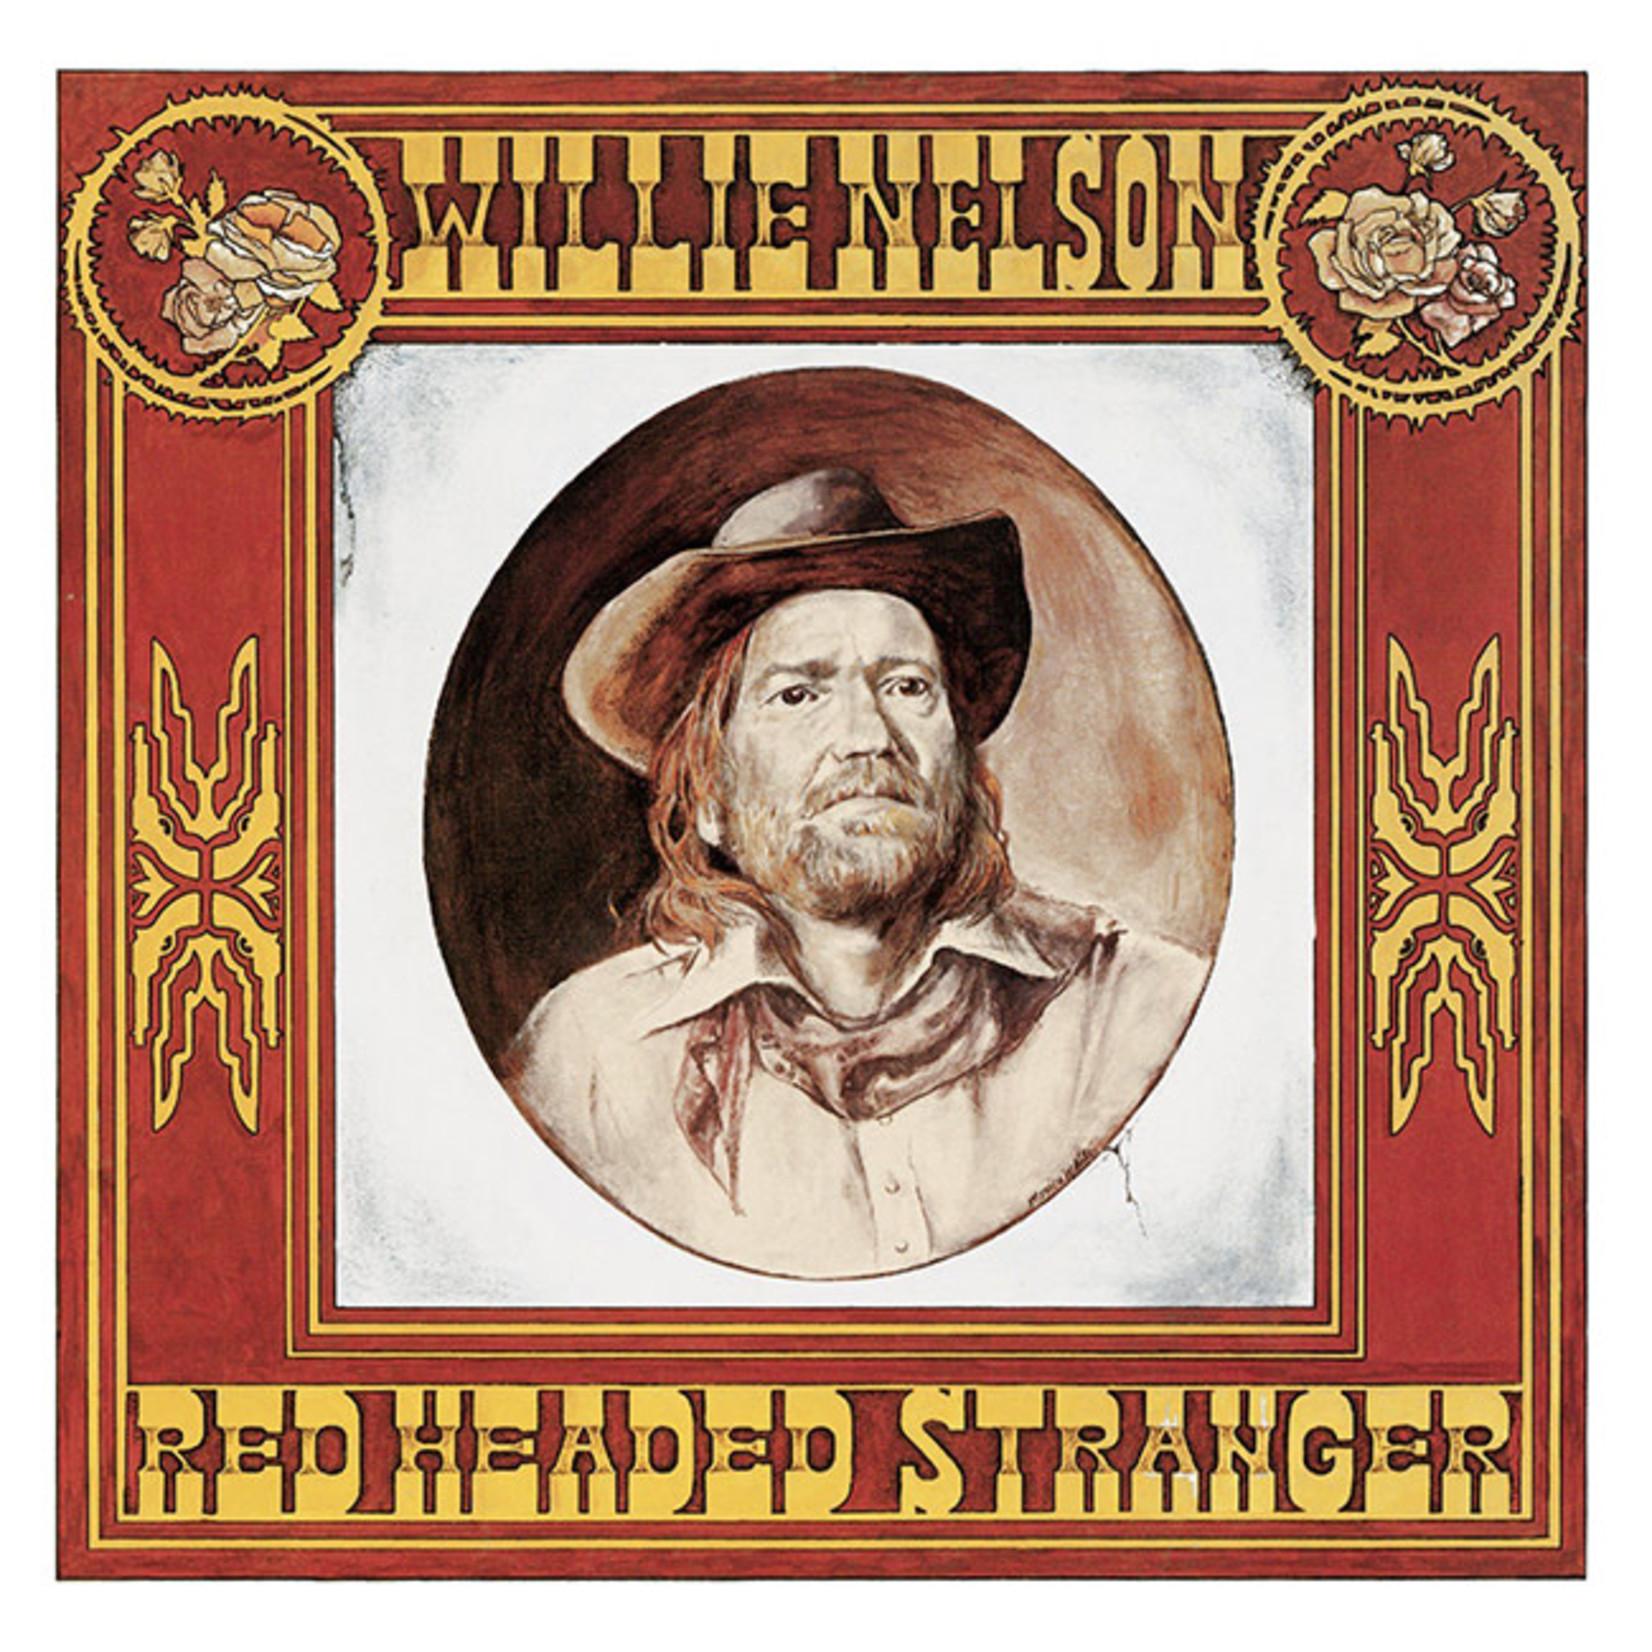 [New] Nelson, Willie: Red Headed Stranger